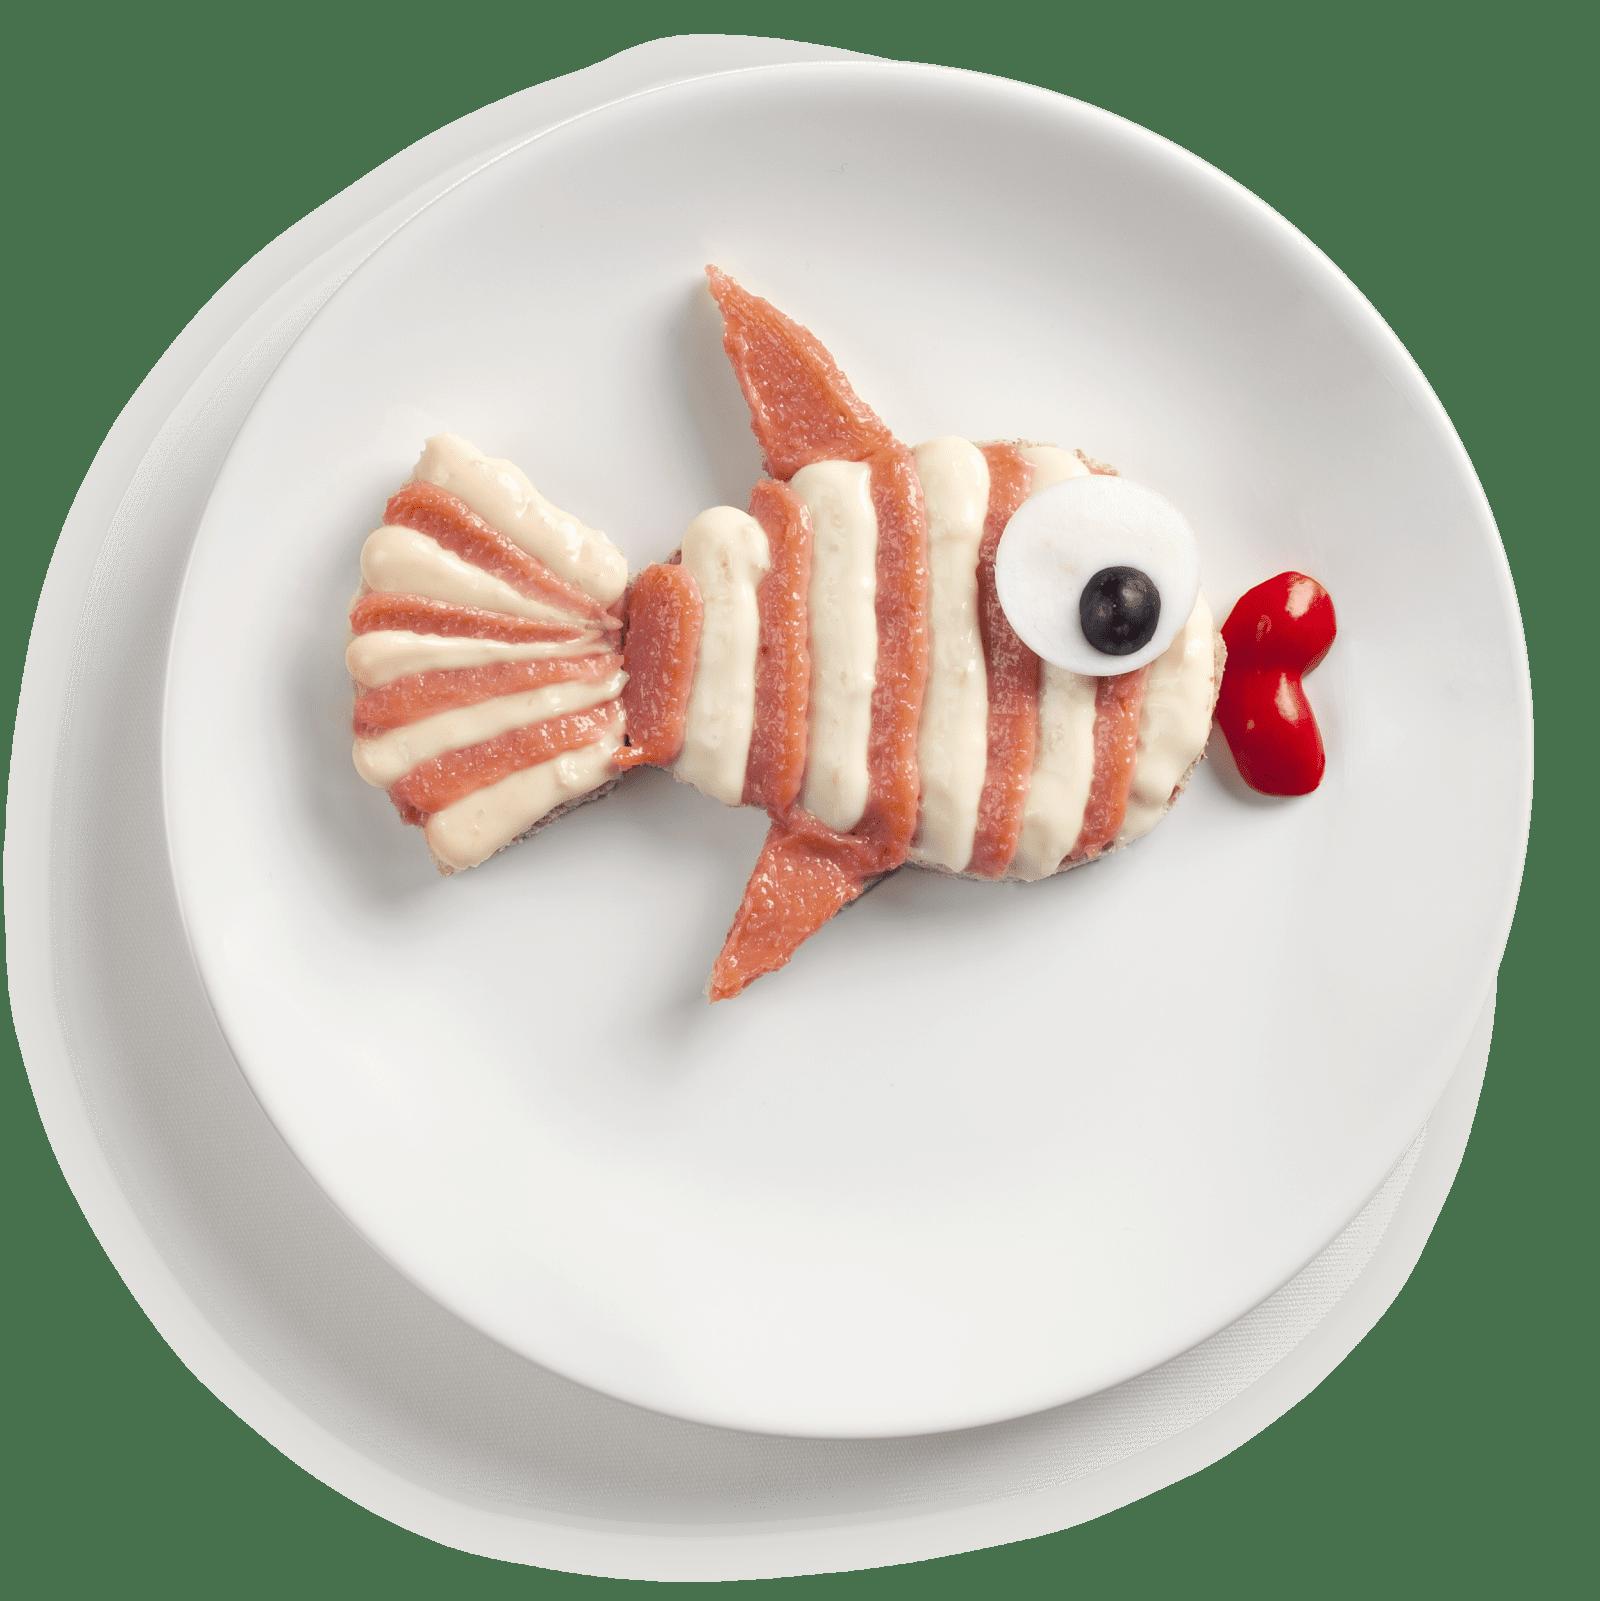 En brødskive med kaviar og smøreost kan i skjønn forening med litt paprika og egg bli til en frokost med finner! Hvis du ikke er dreven på å skjære ut figurer, kan du bruke pepperkakeformer.